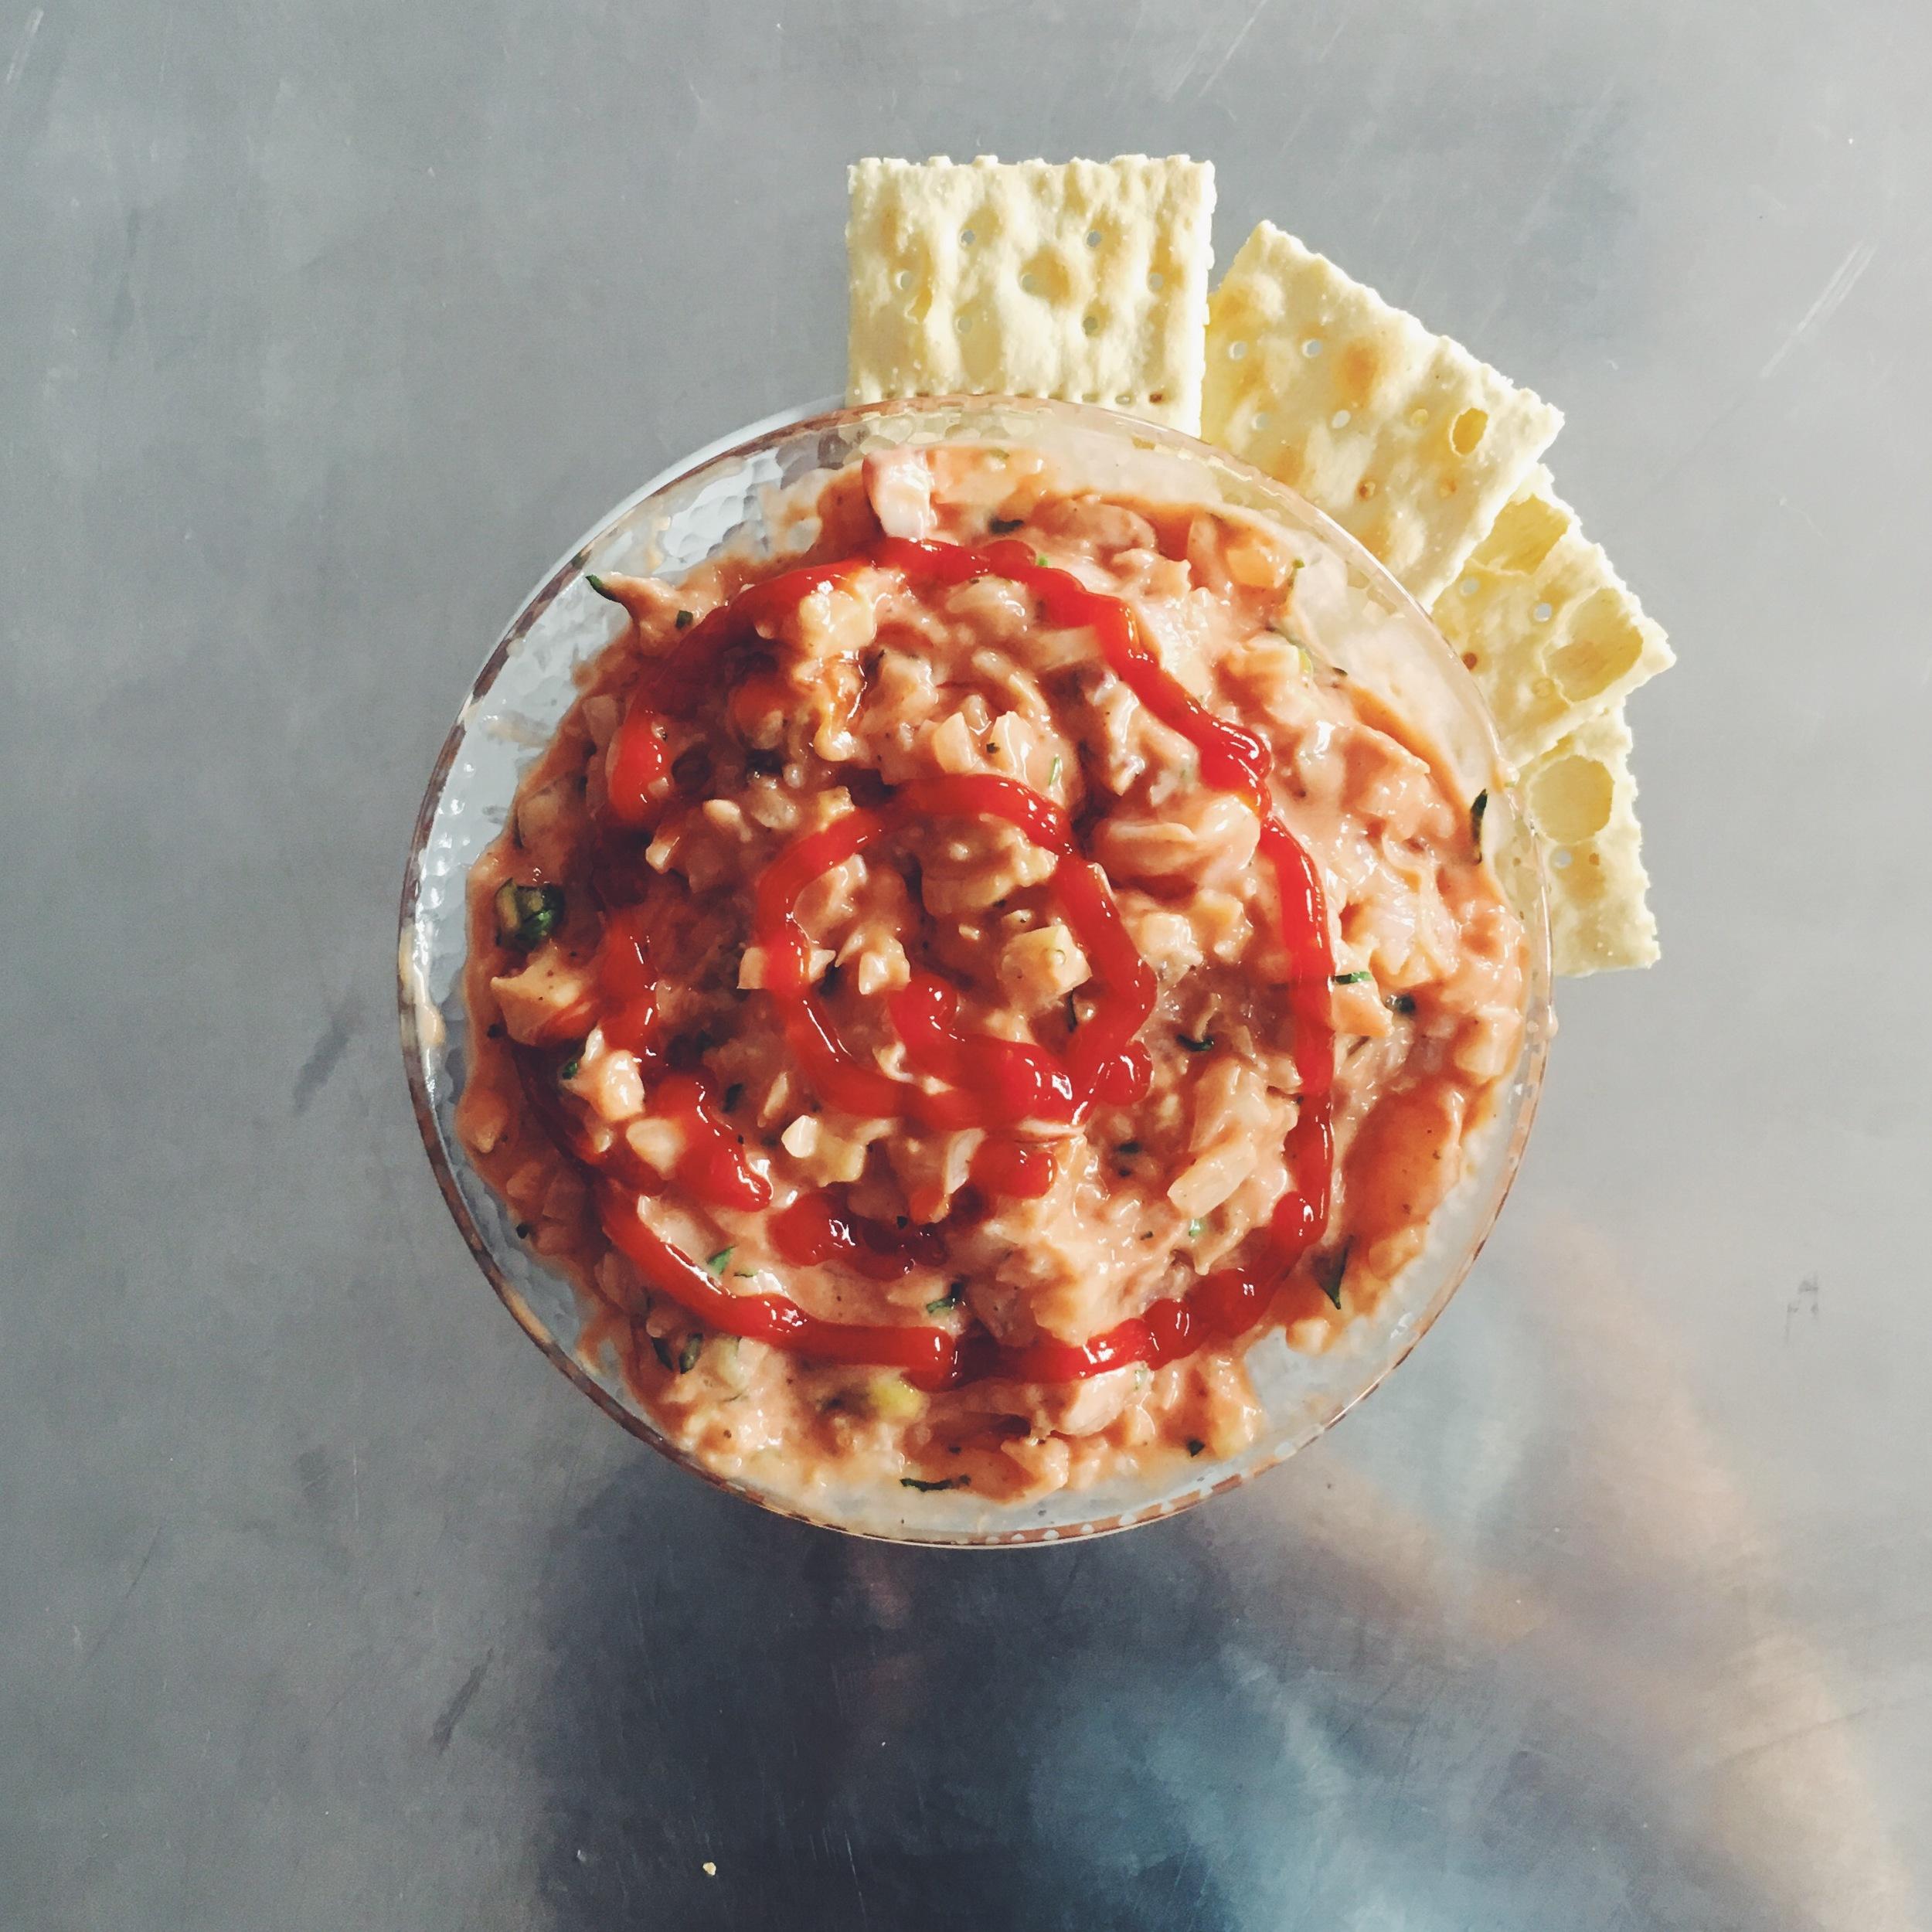 OBELO | Ceviche